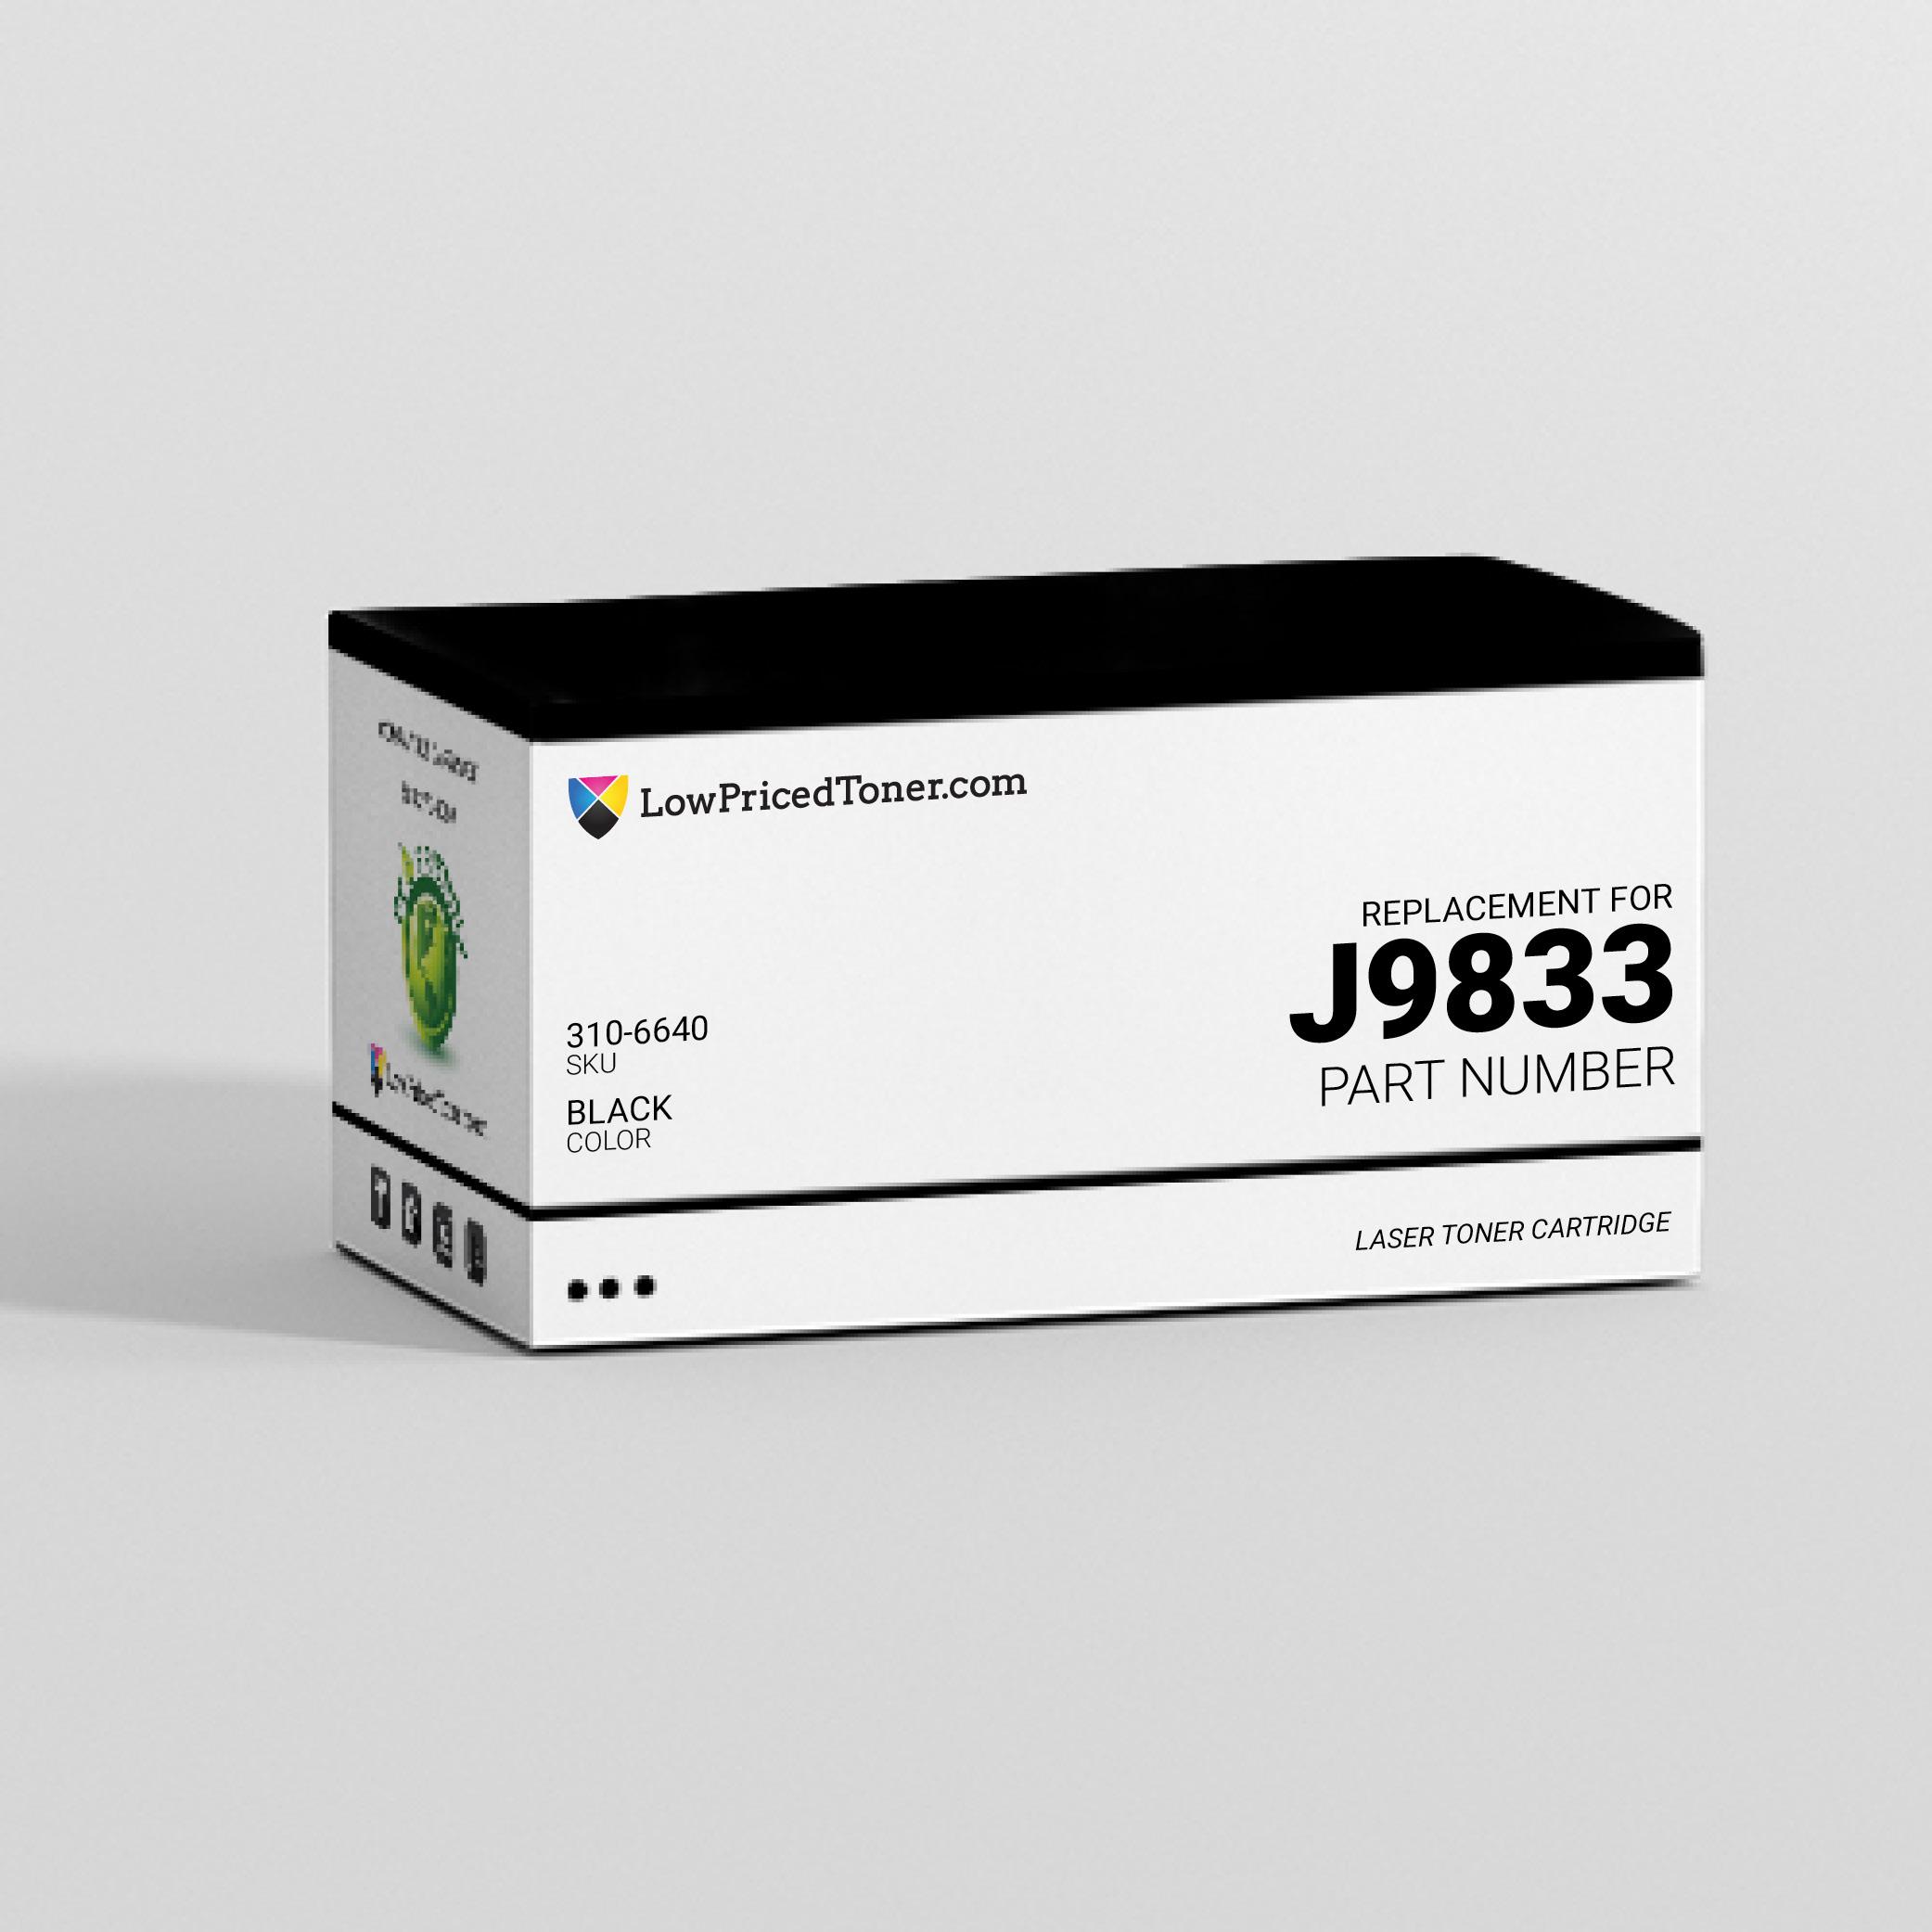 Dell 310-6640 J9833 Compatible Black Laser Toner Cartridge